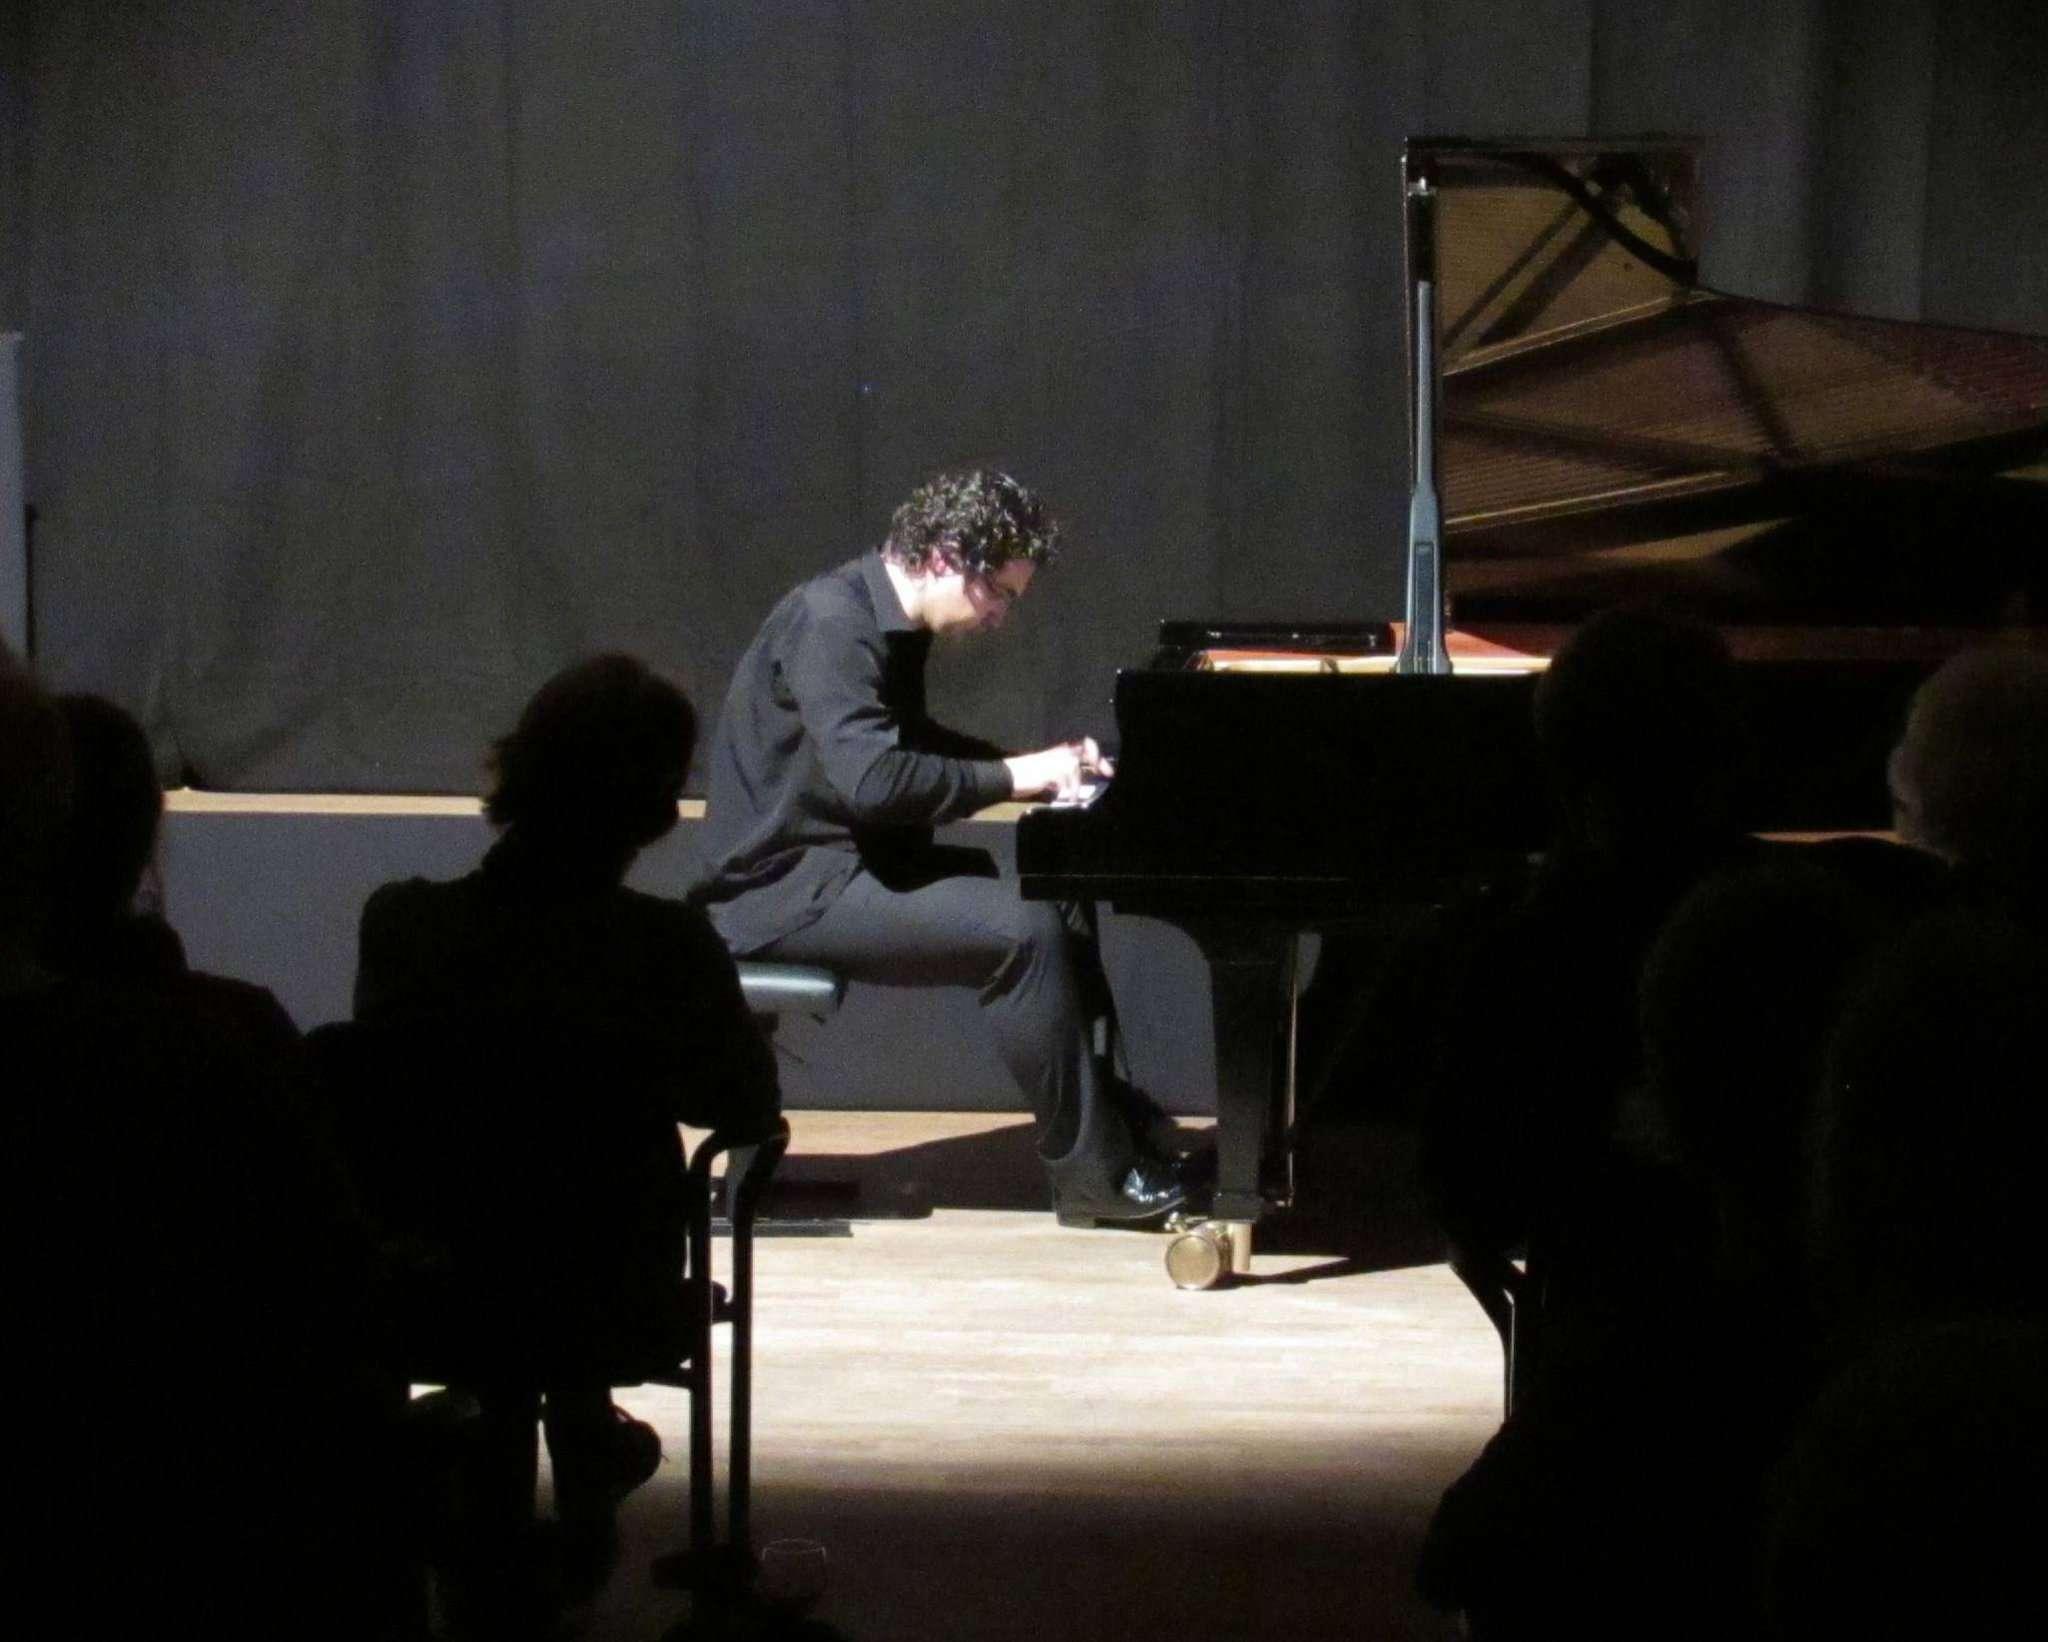 Artem Yasynskyy spielte hingebungsvoll am Steinwayflügel und vereinnahmte das wie gebannt lauschende Publikum für sich.